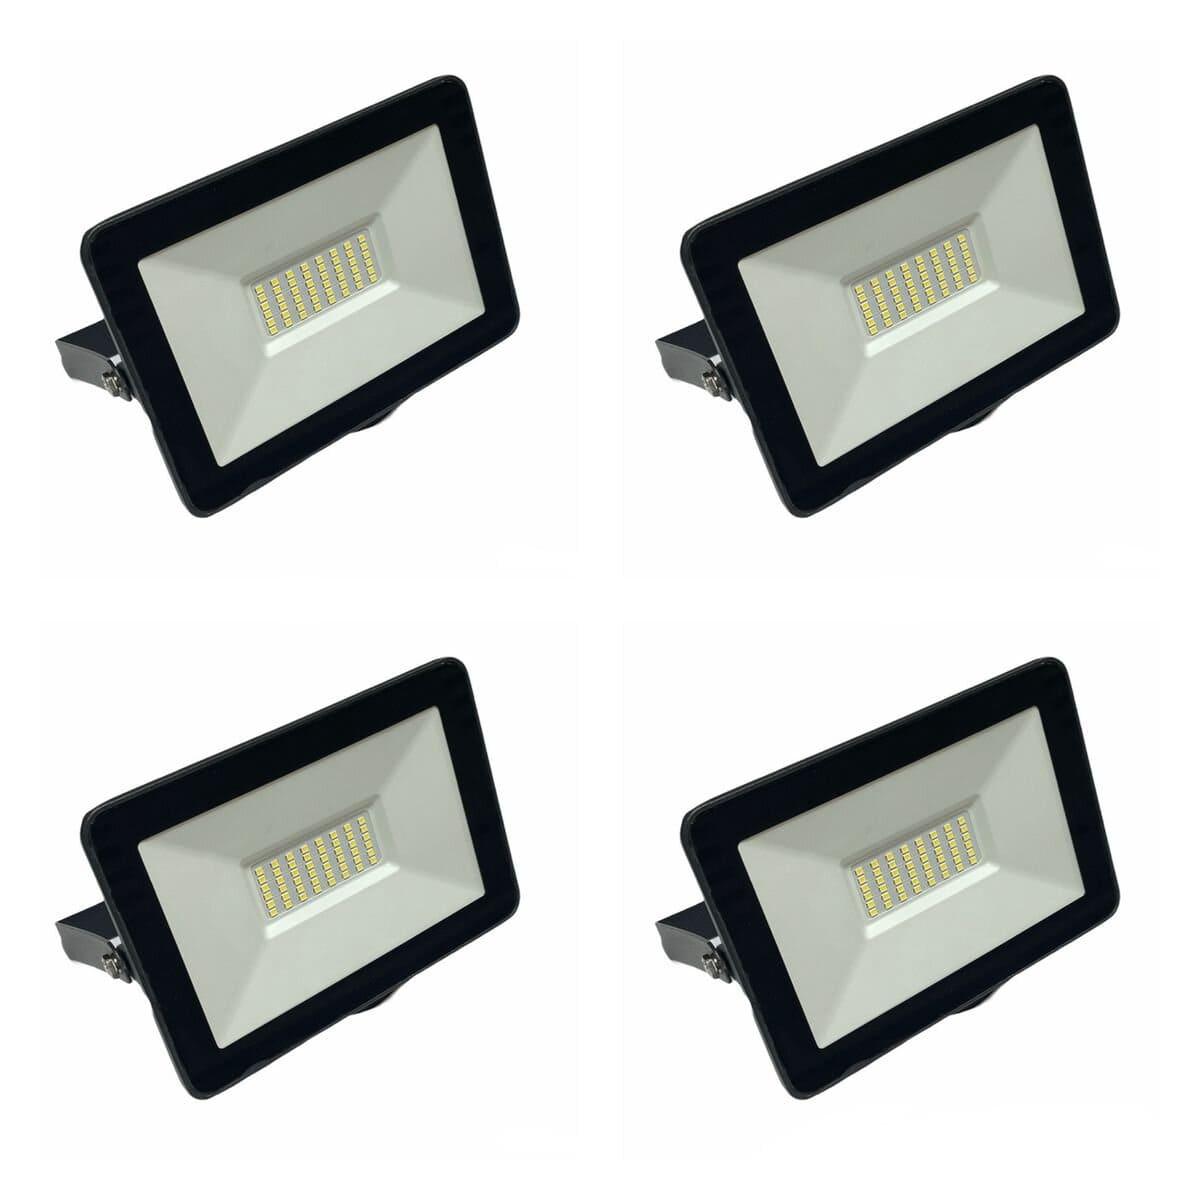 100w LED Floodlight - Set of 4